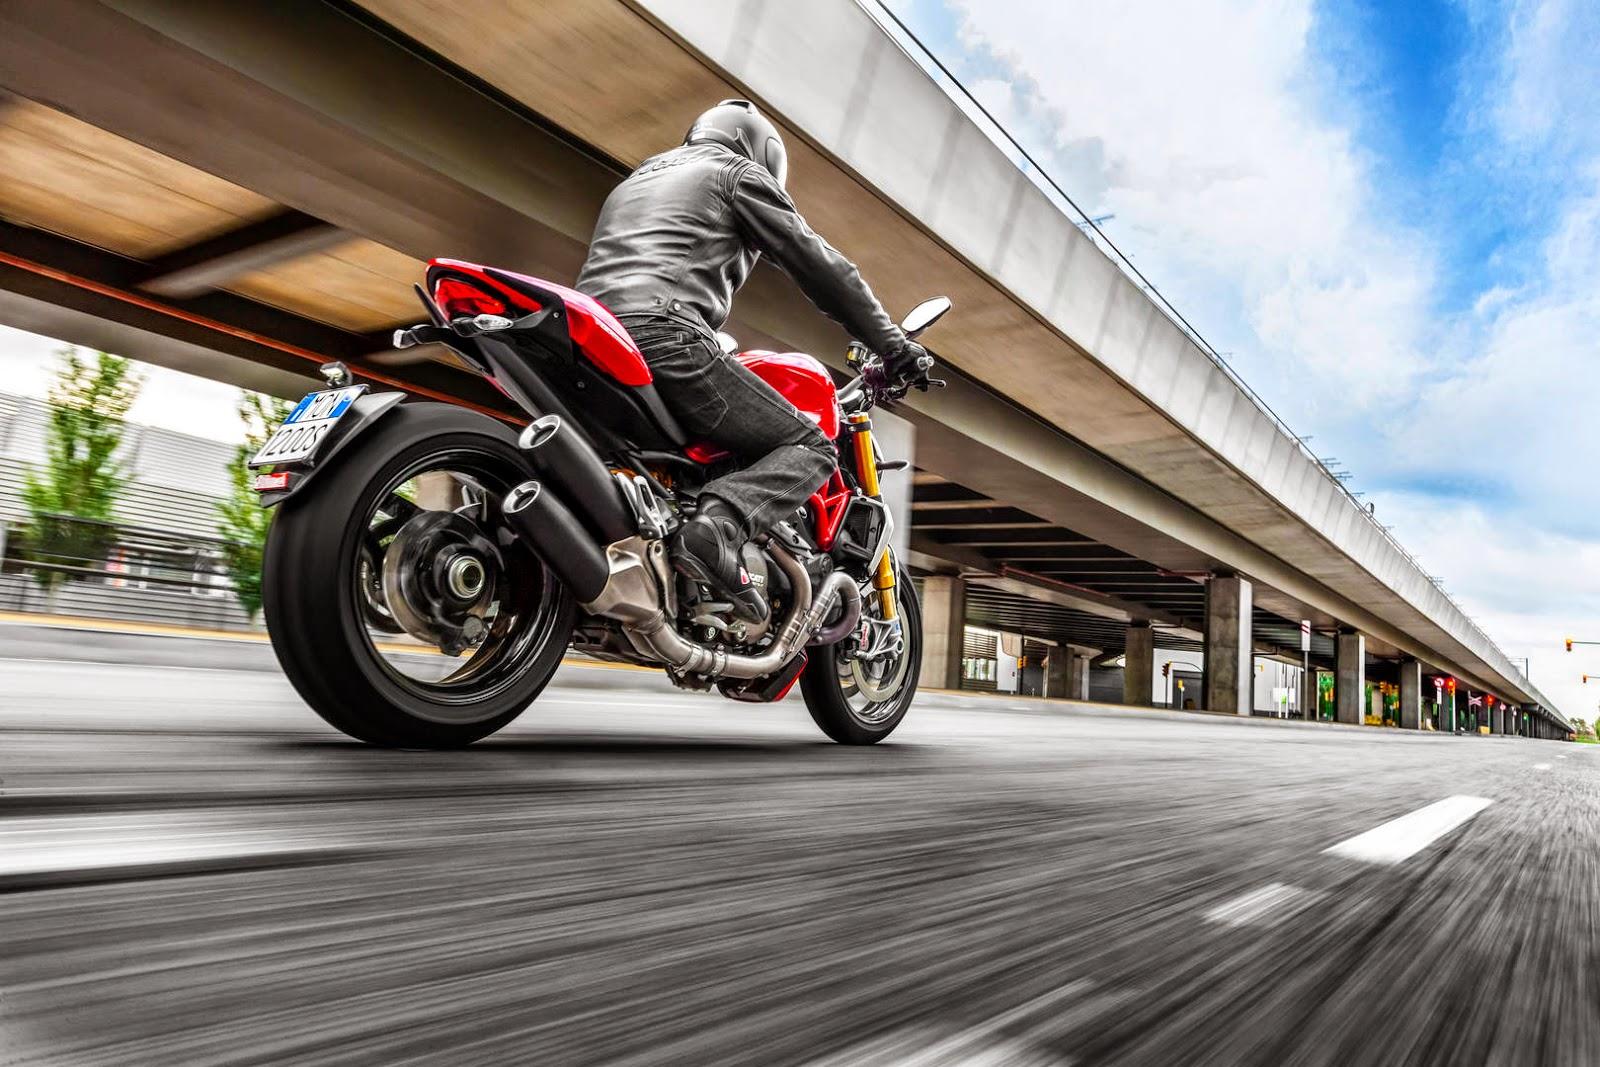 Ducati Monster 1200 S: The High Tech Power Real Monster